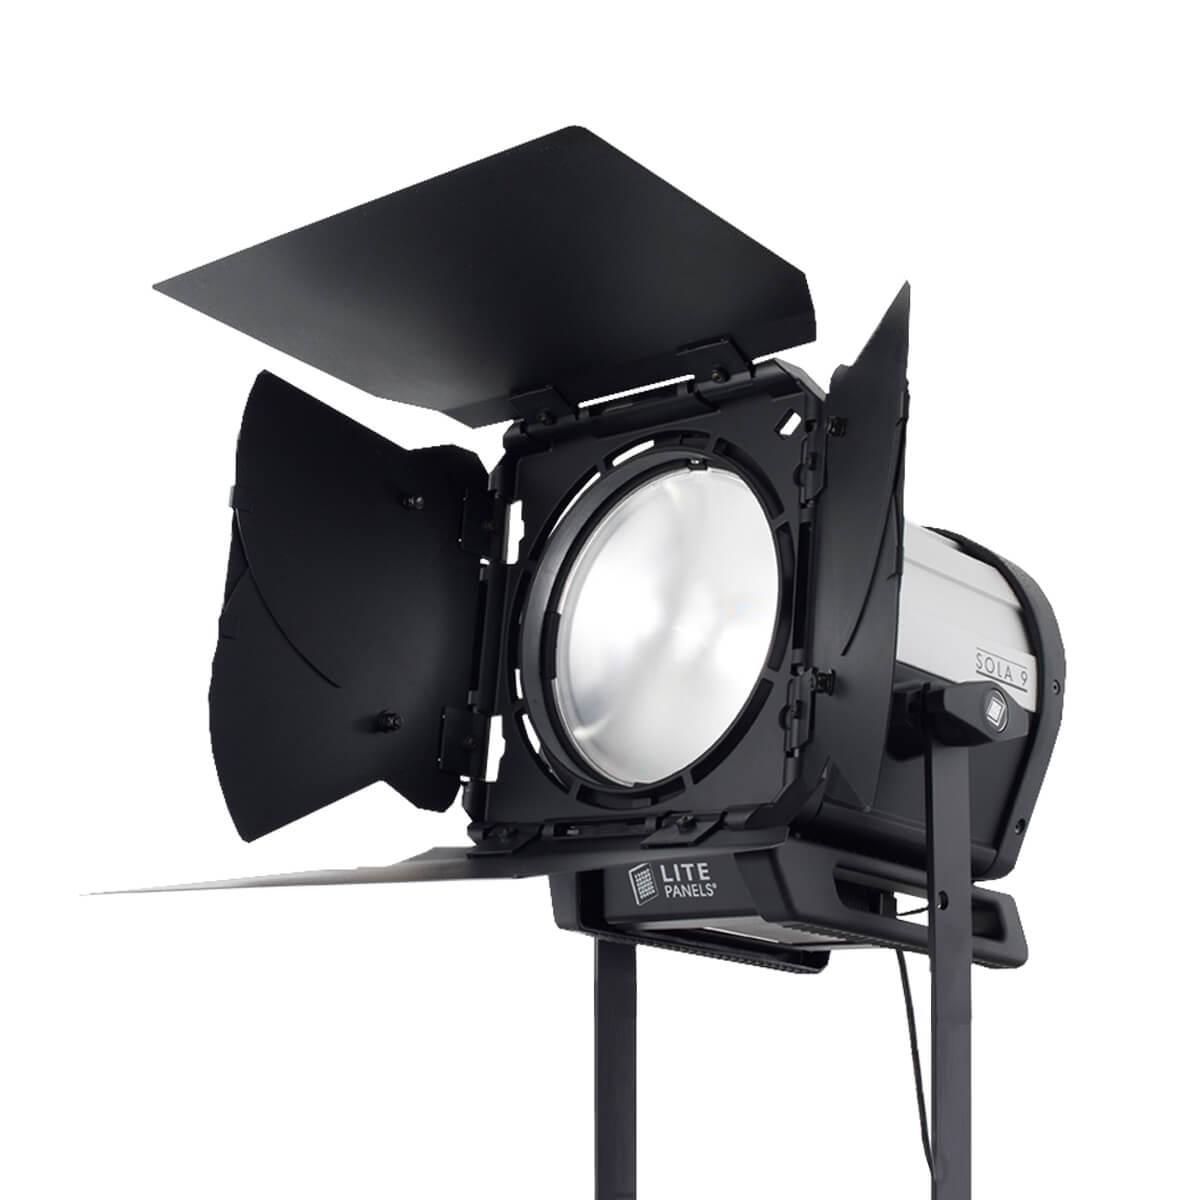 Litepanels Sola 9 - Daylight LED Fresnel